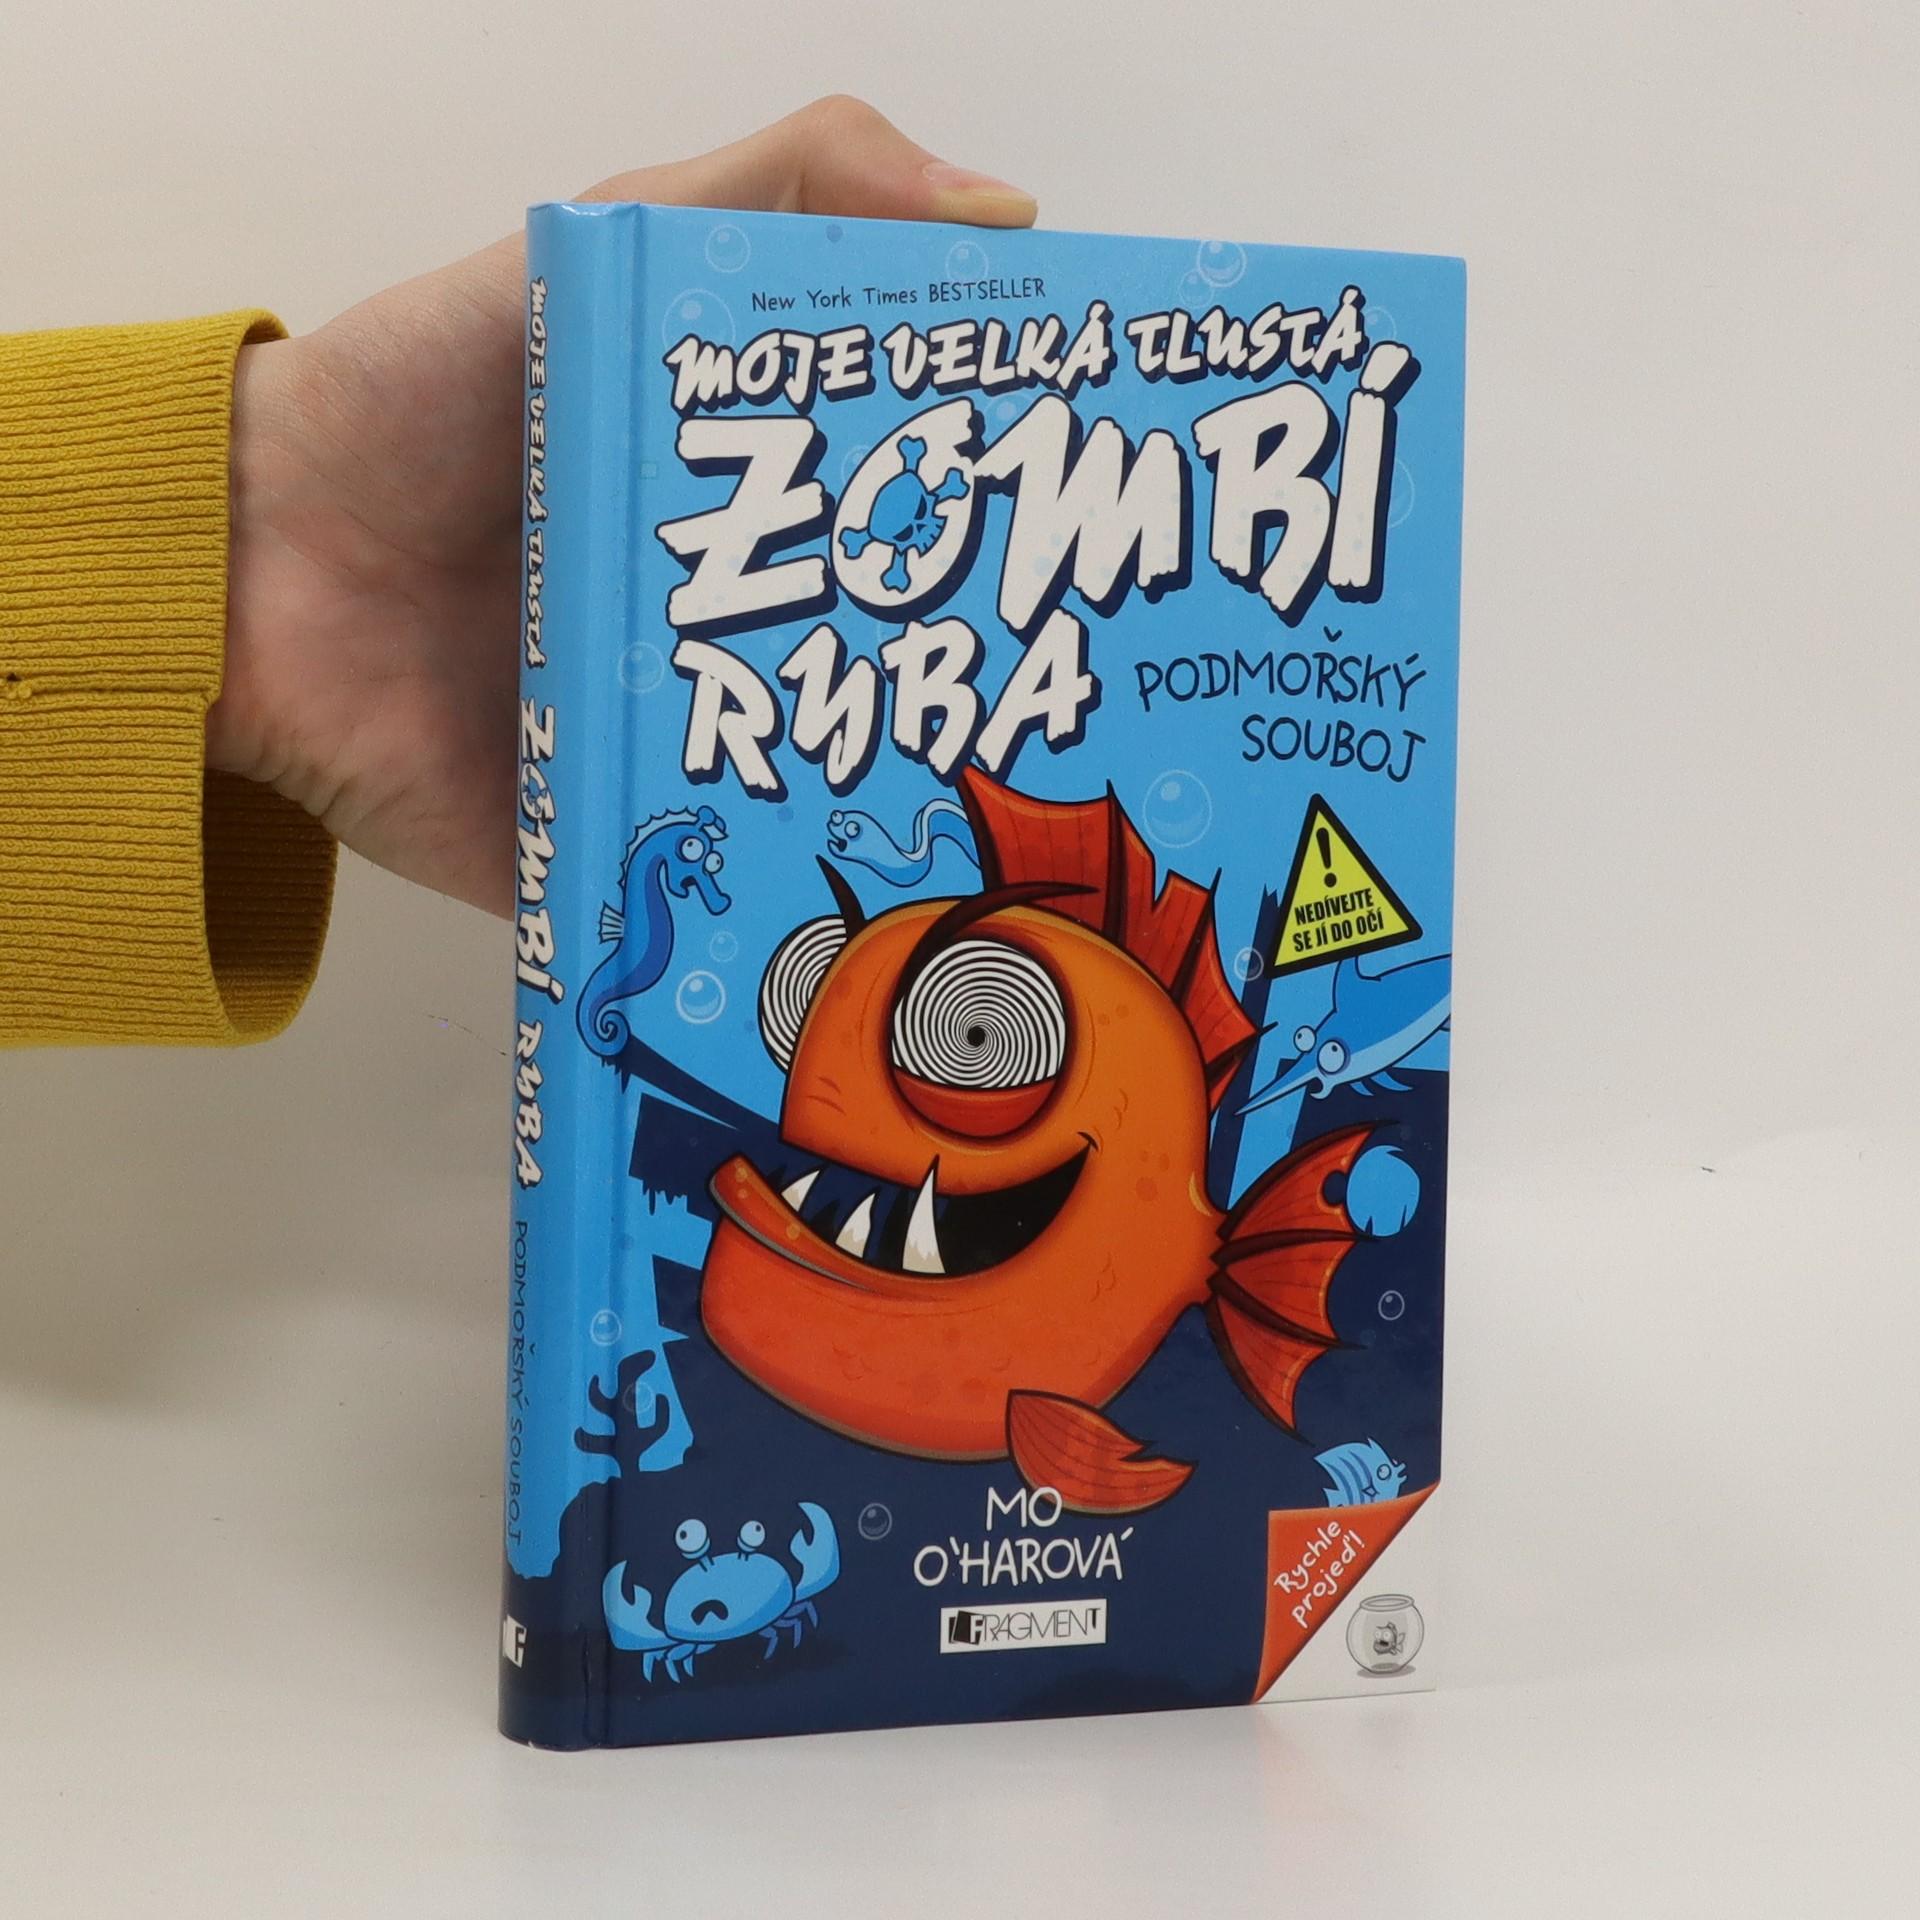 antikvární kniha Moje velká tlustá zombí ryba : podmořský souboj, 2015